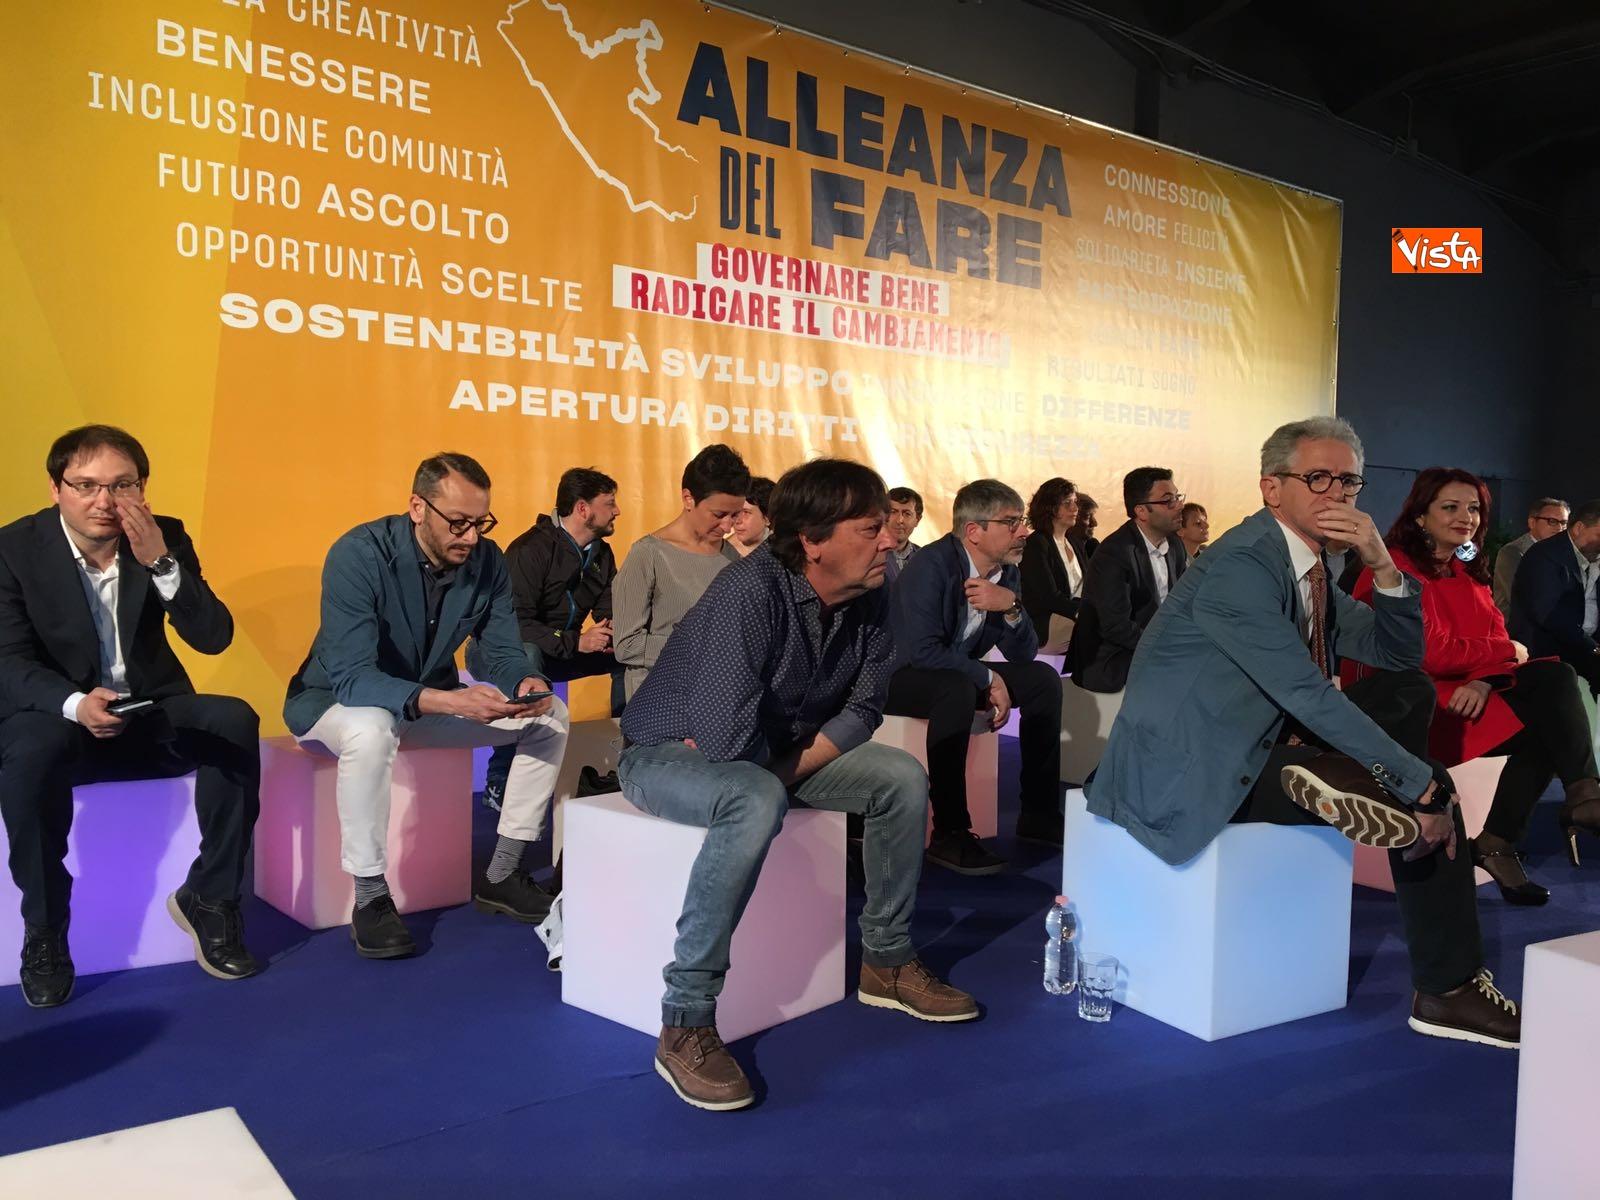 Zingaretti lancia l Alleanza del fare in vista delle amministrative del 10 giugno 6